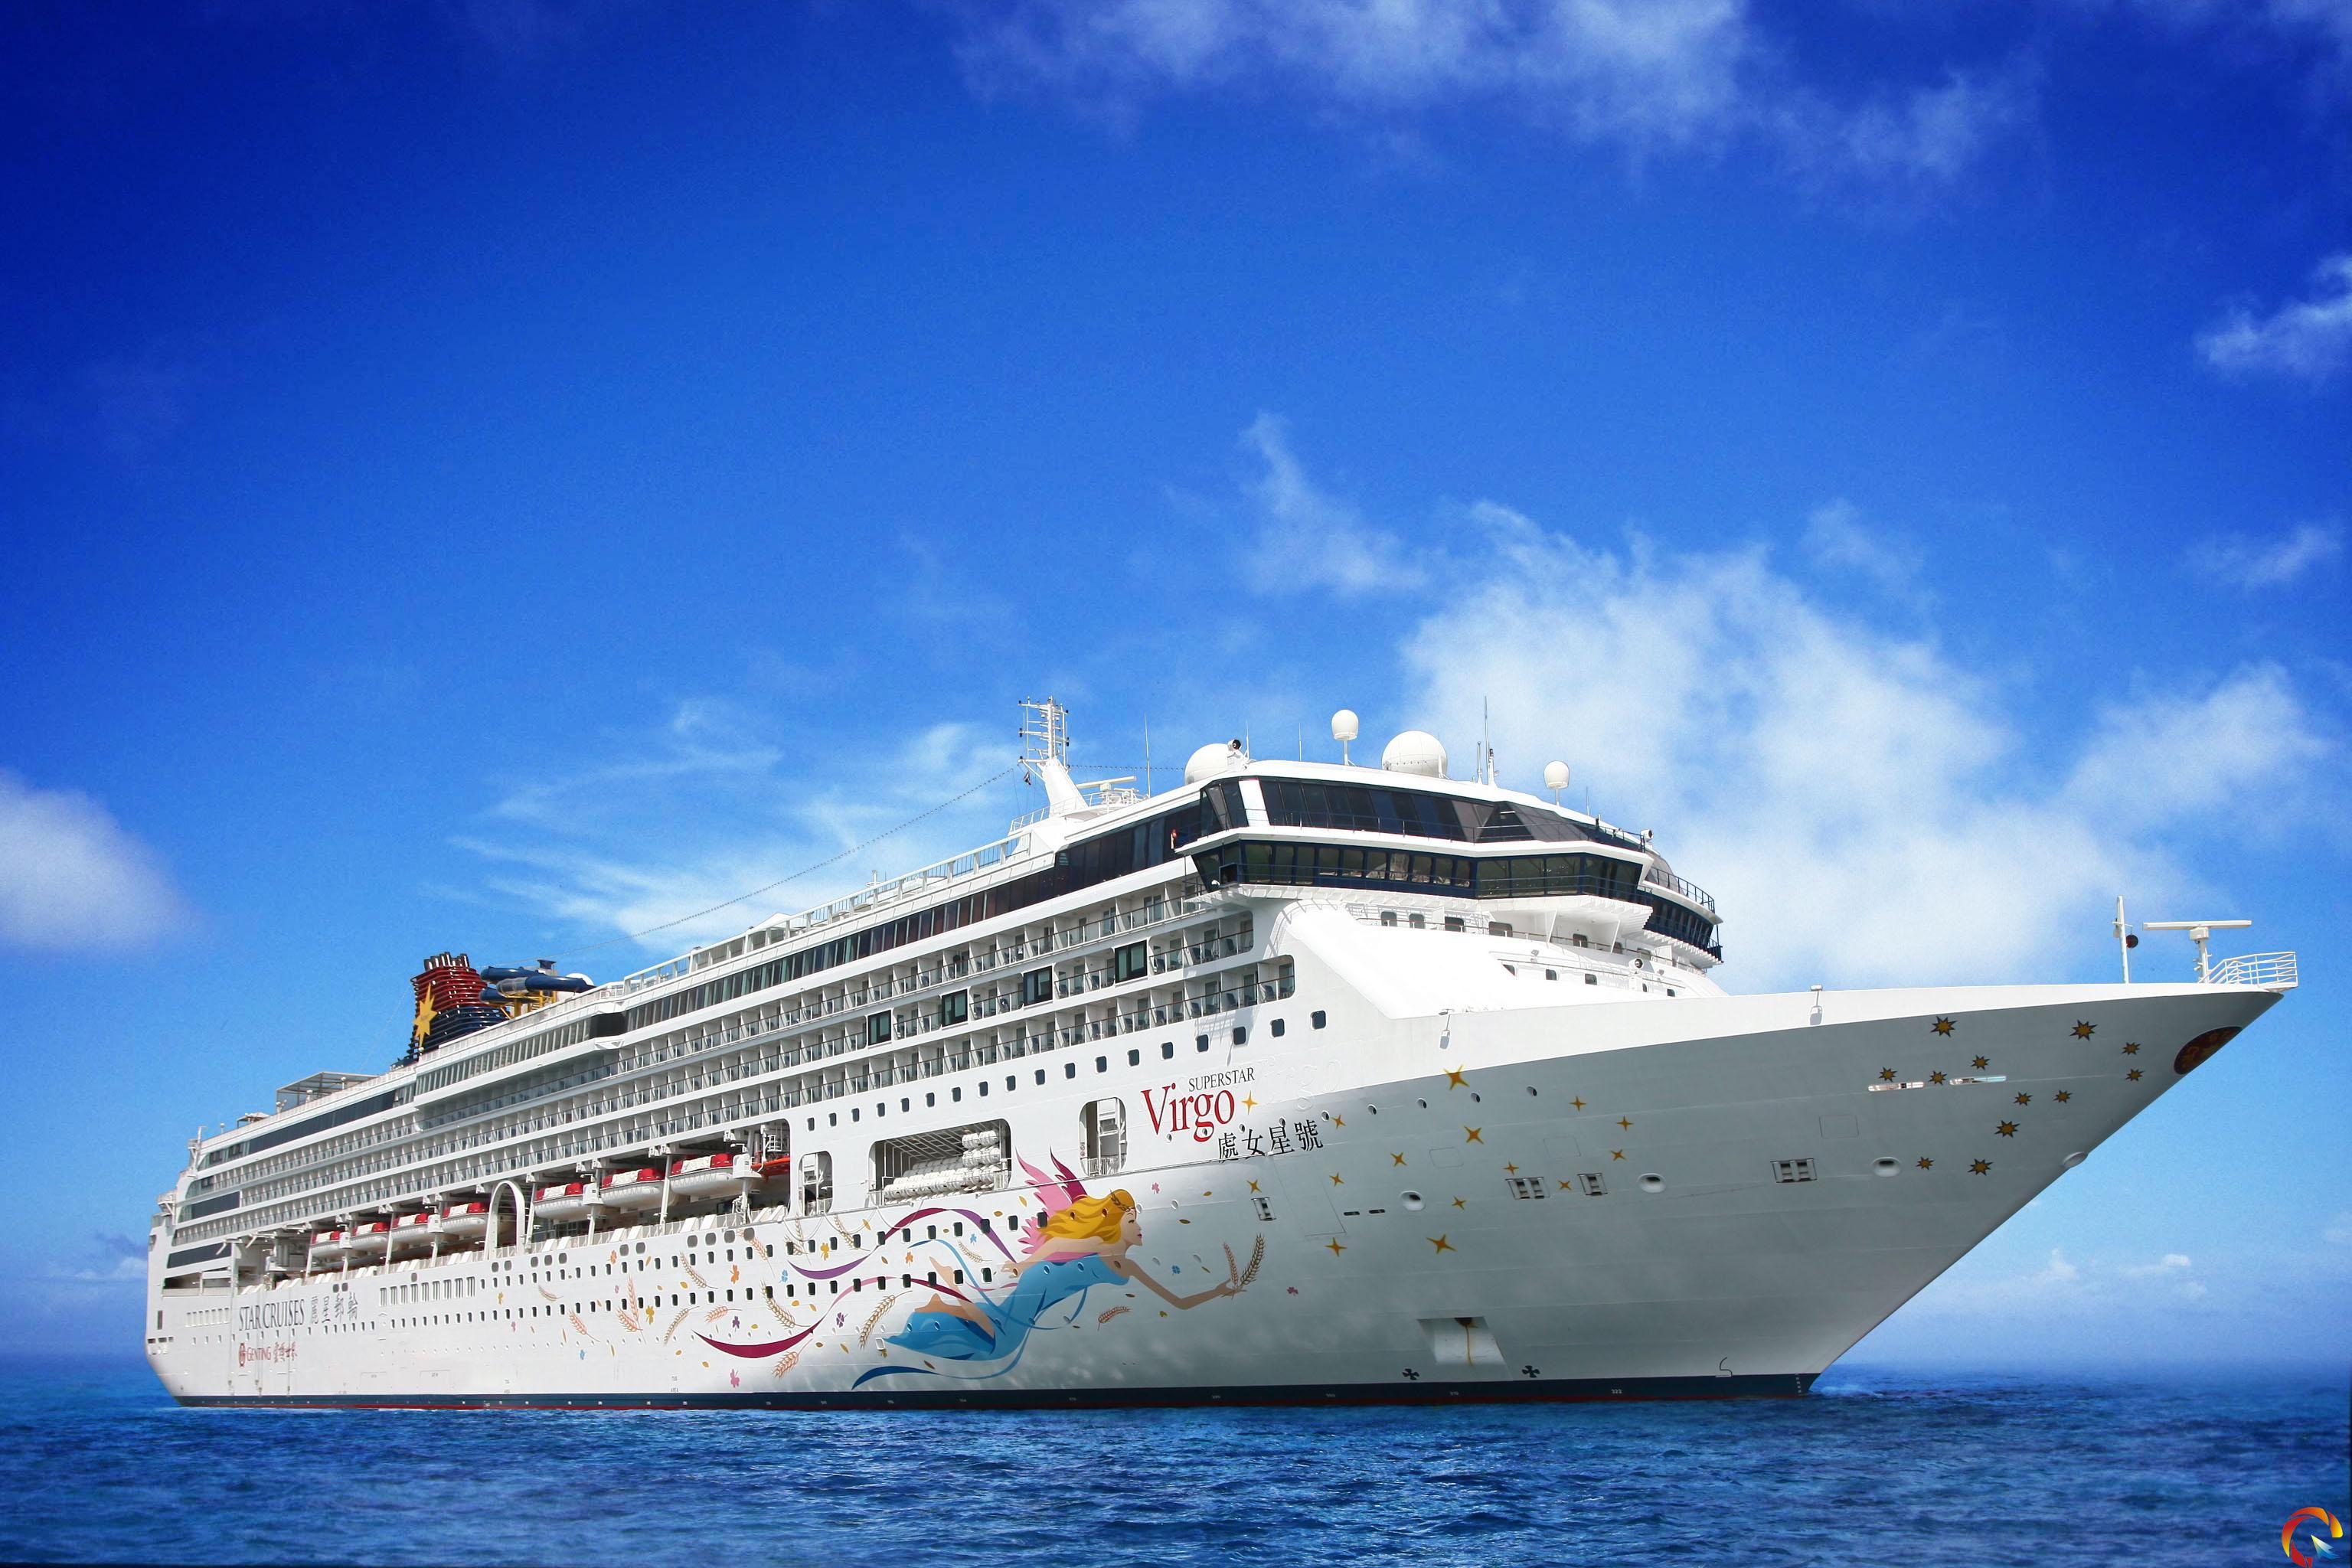 宾利北京 慕尚尊享海上豪华邮轮之旅高清图片